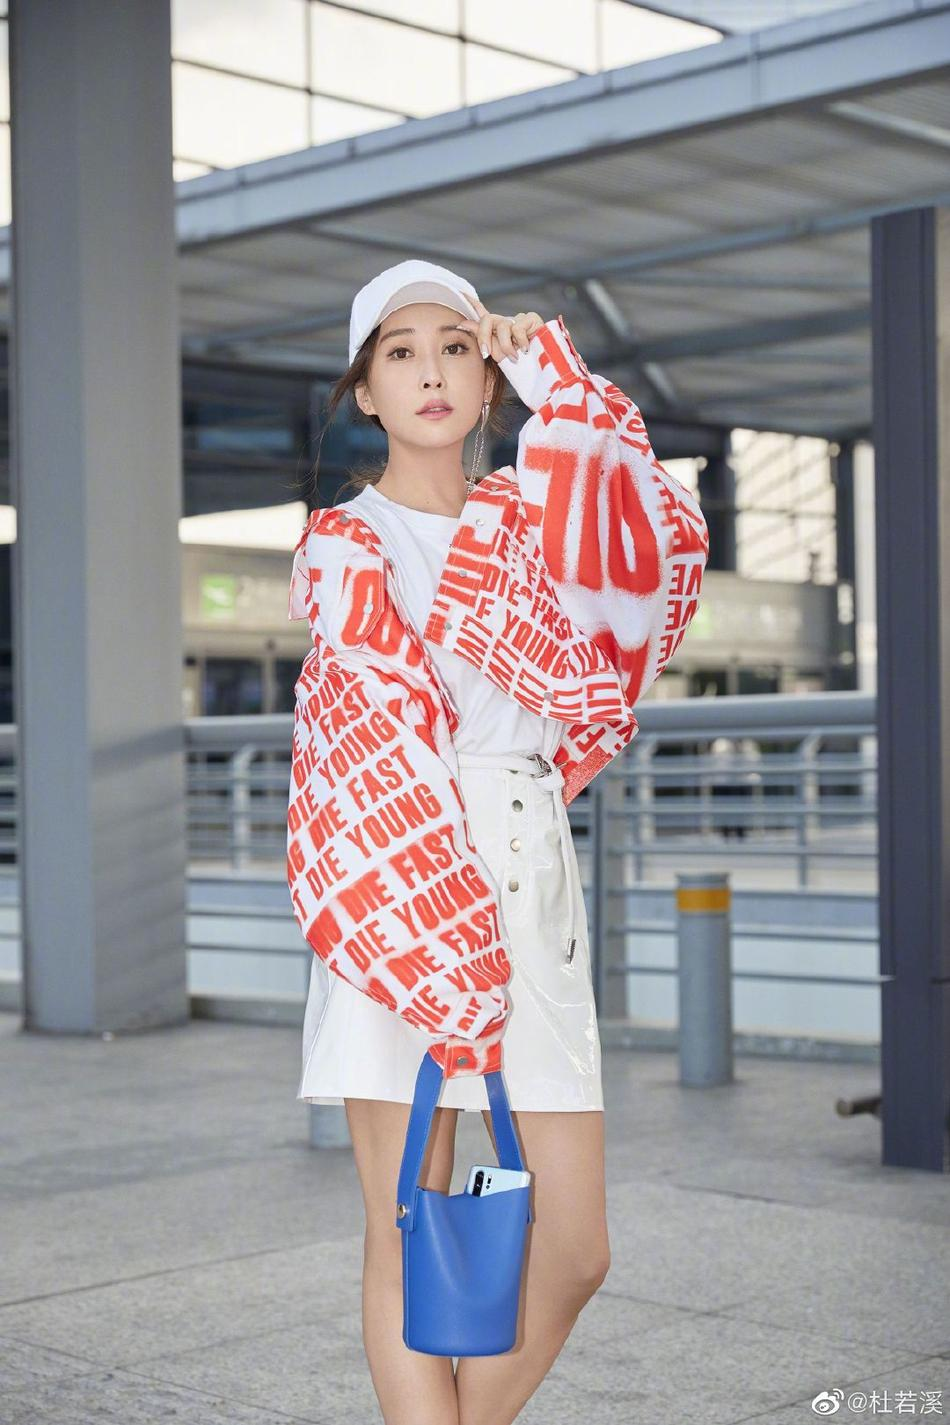 杜若溪机场街拍活力足 穿oversize橘红字母外套满